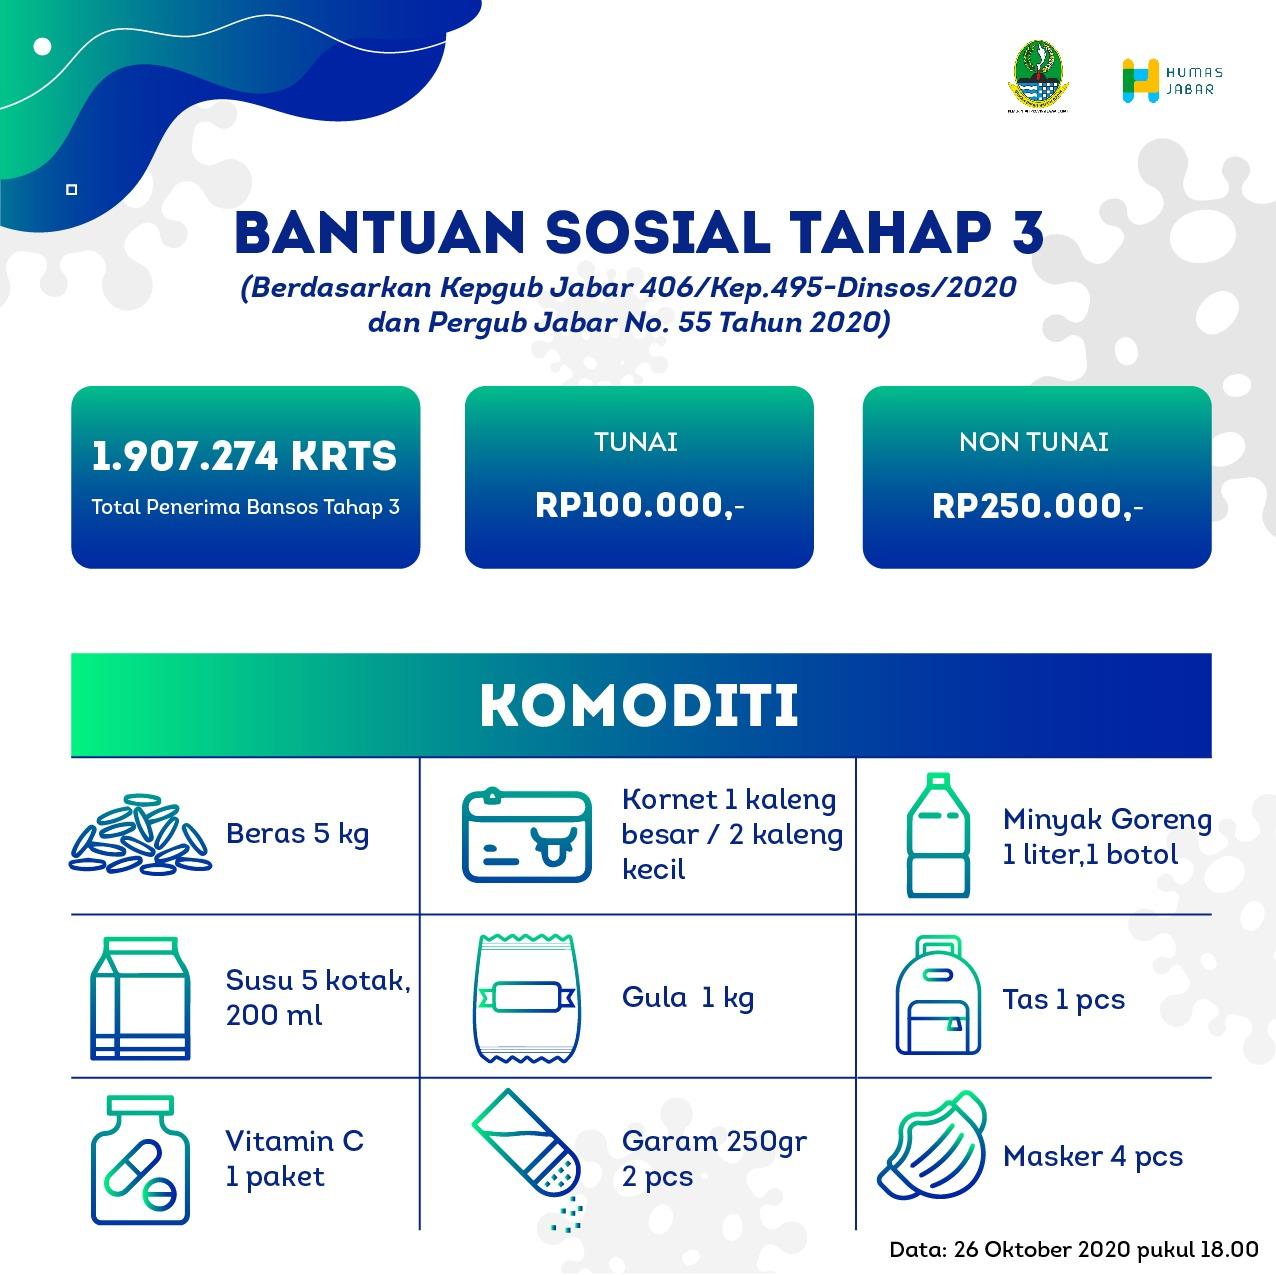 Pemprov Jawa Barat Mulai Gulirkan Bansos Tahap Ketiga Serentak di 27 Kota/Kabupaten